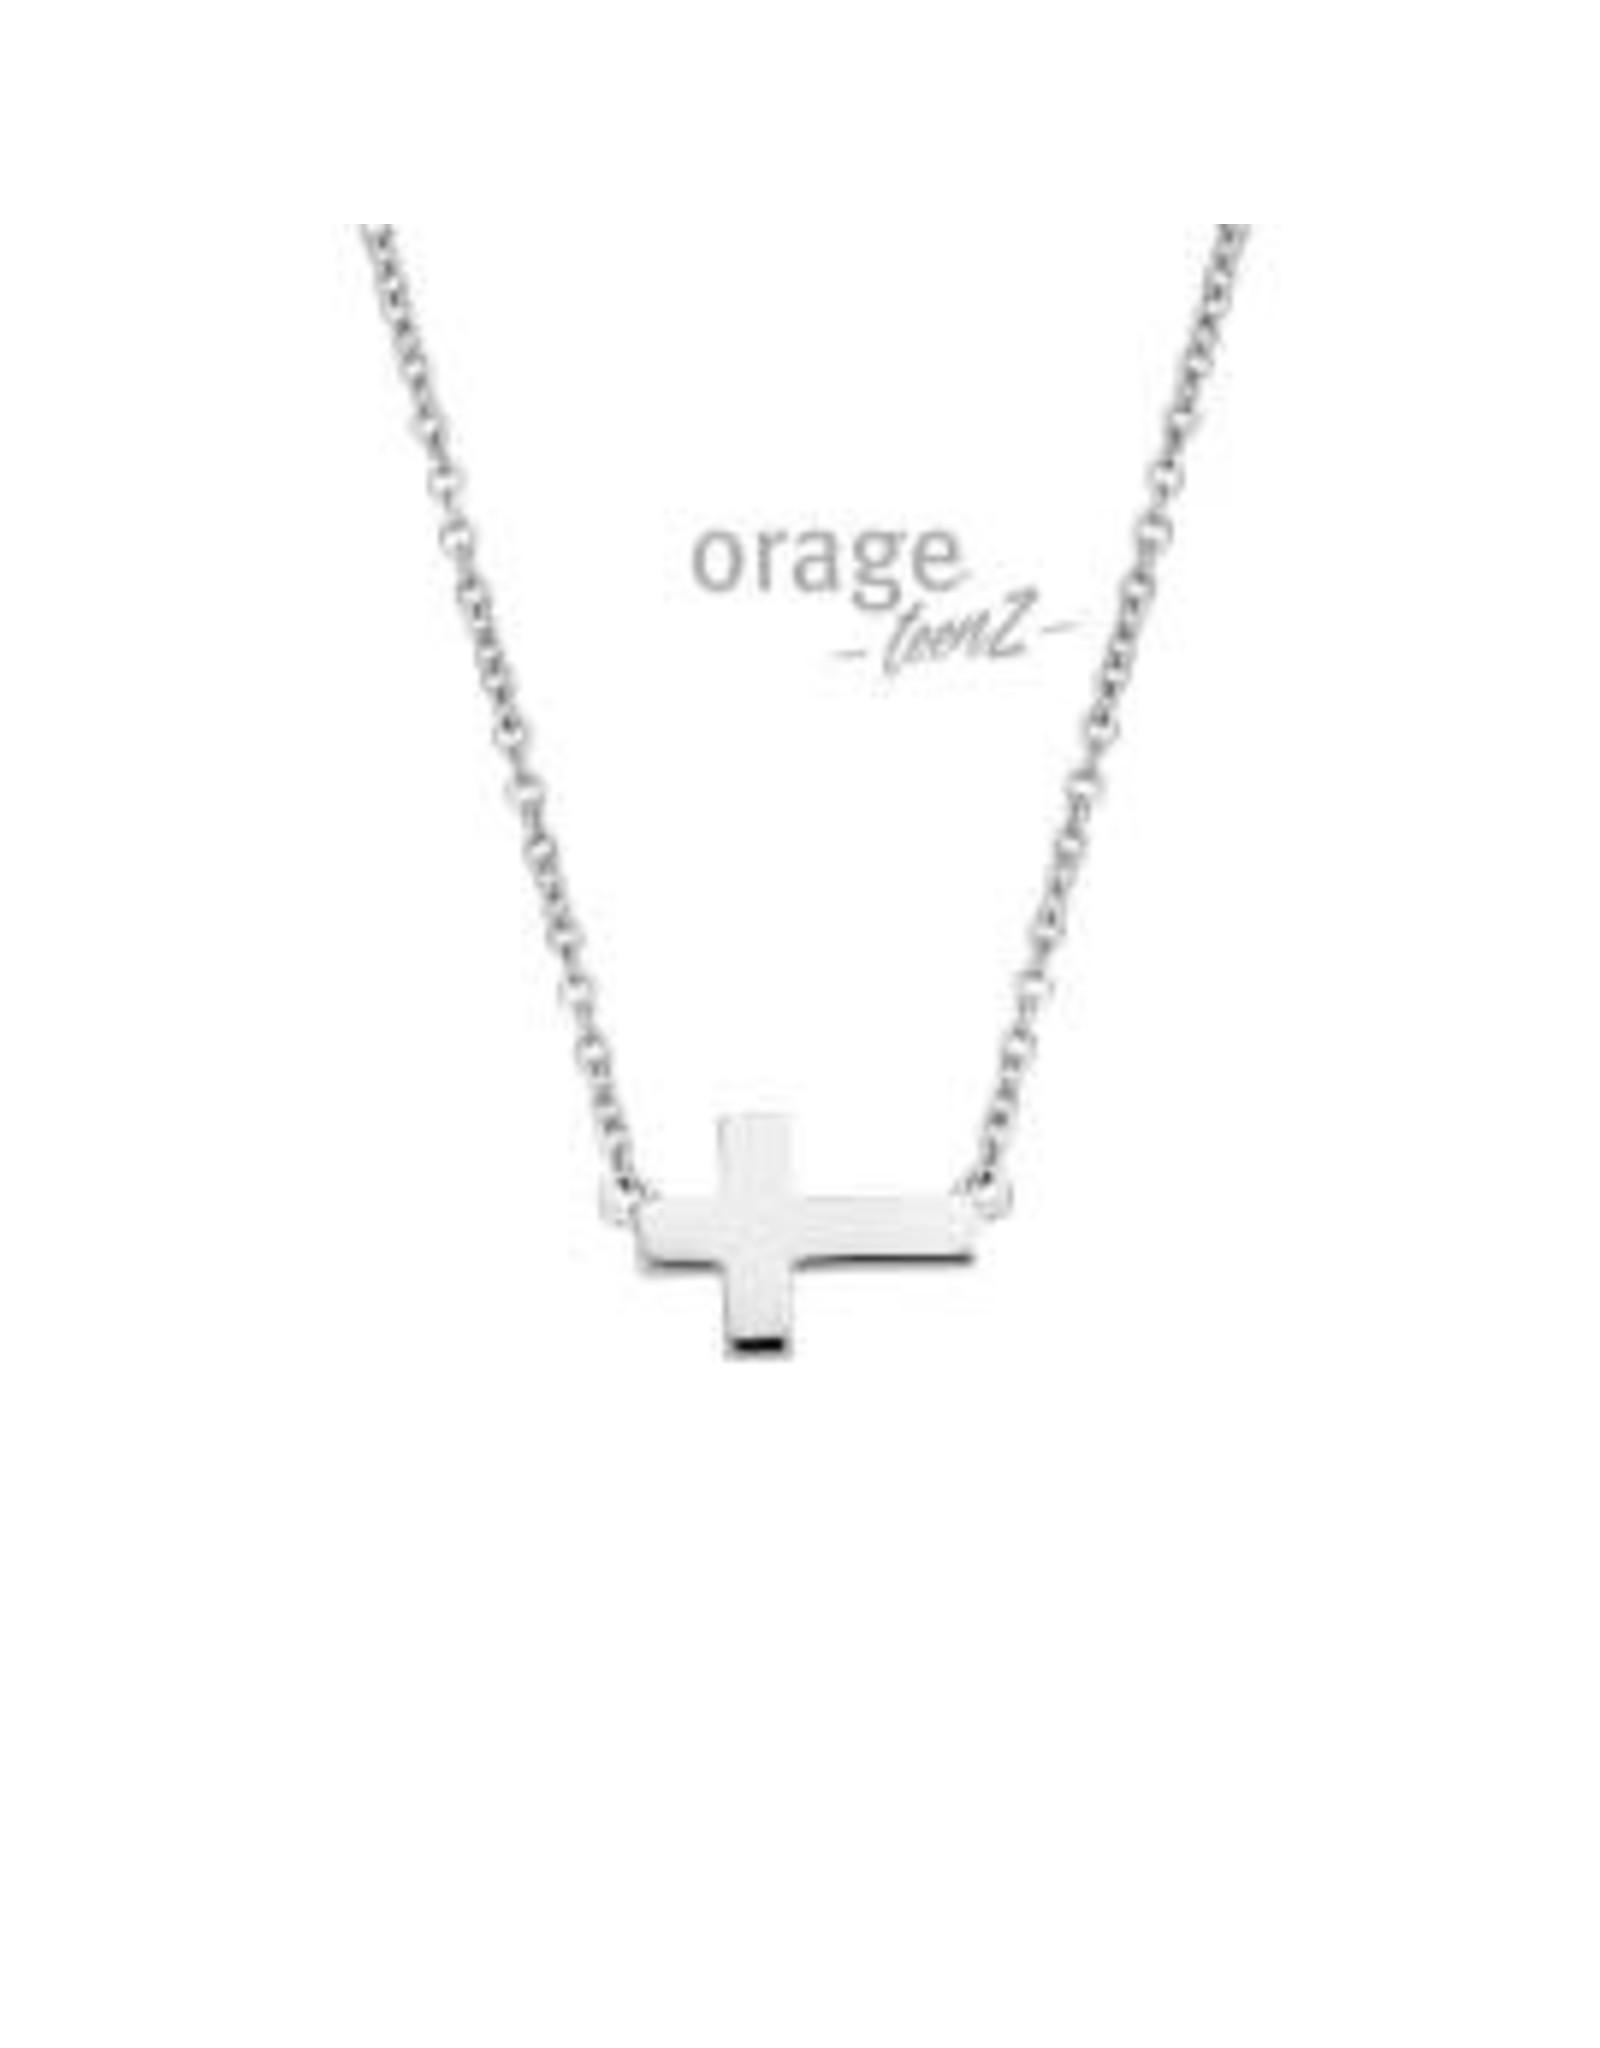 Orage Teenz Orage Teenz T342 Halsketting Zilver Kruis